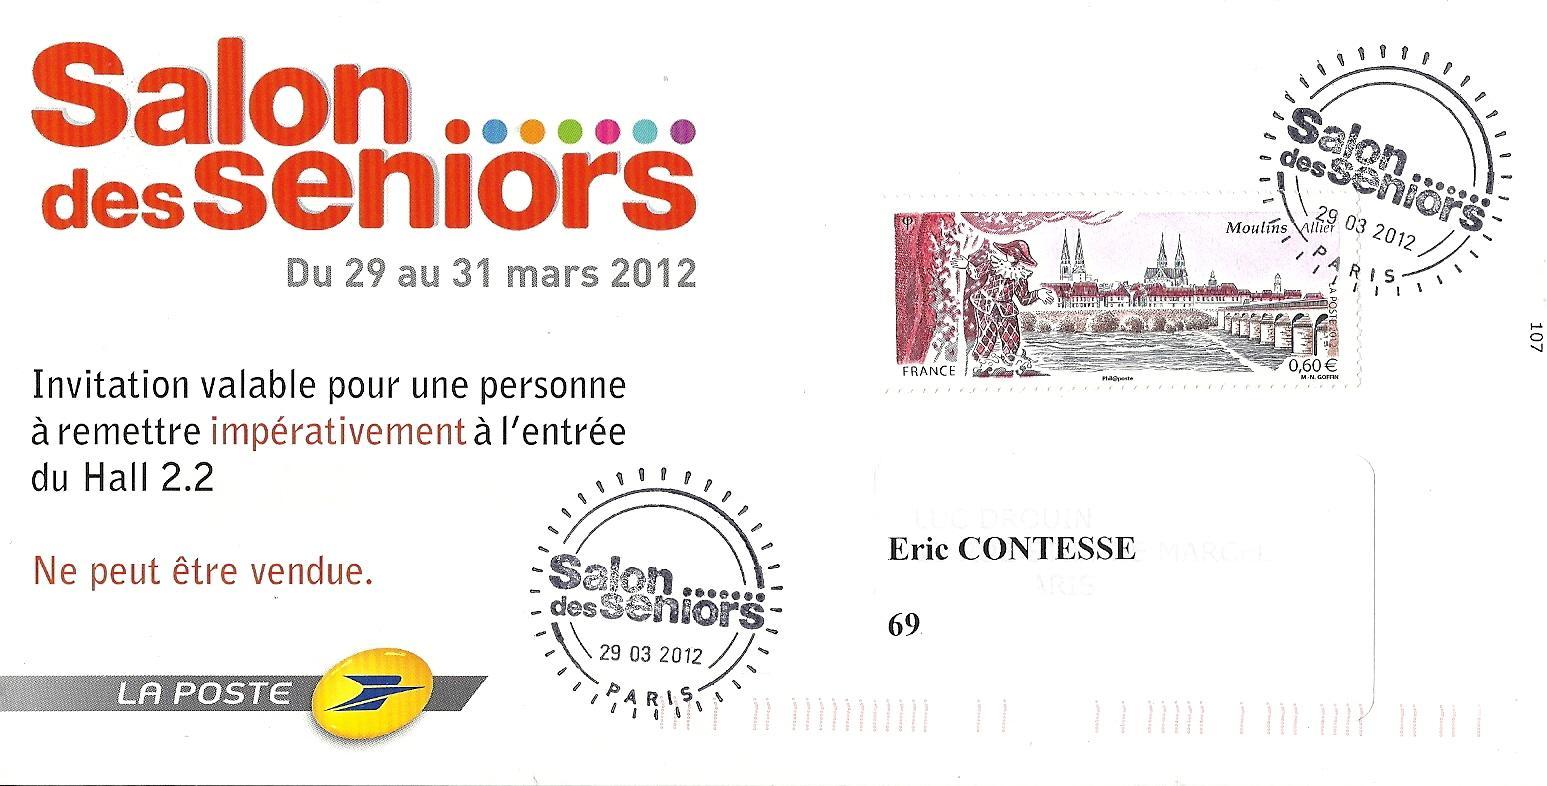 Blog timbr de ma philat lie souvenir timbr du salon des seniors 2012 - Salon des seniors paris invitation ...